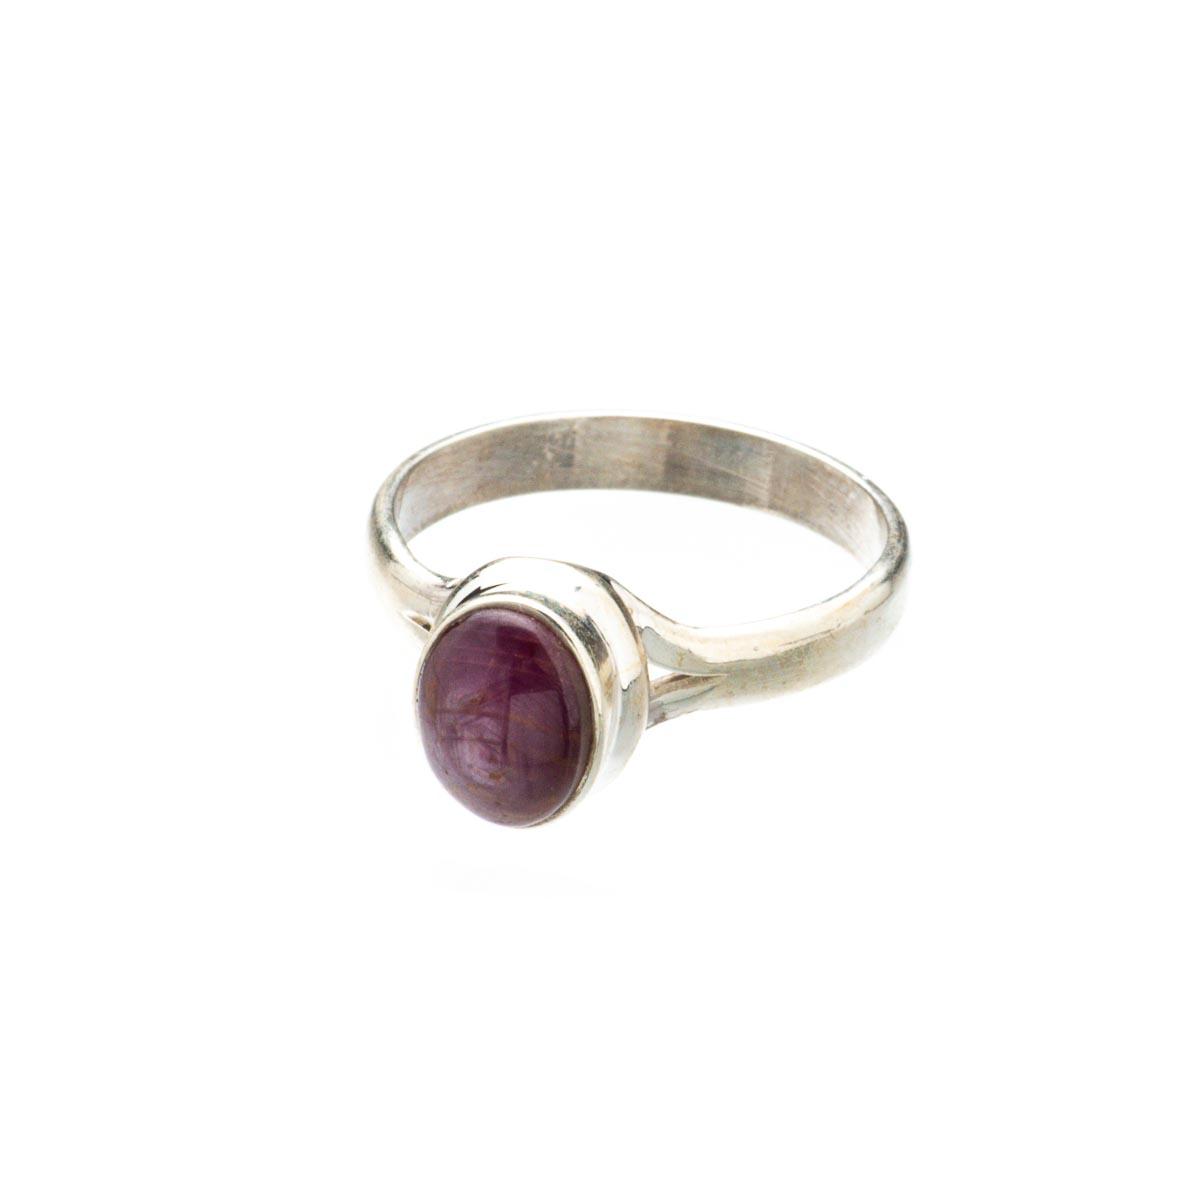 Комплект украшений с натуральным звездчатым рубином из серебра